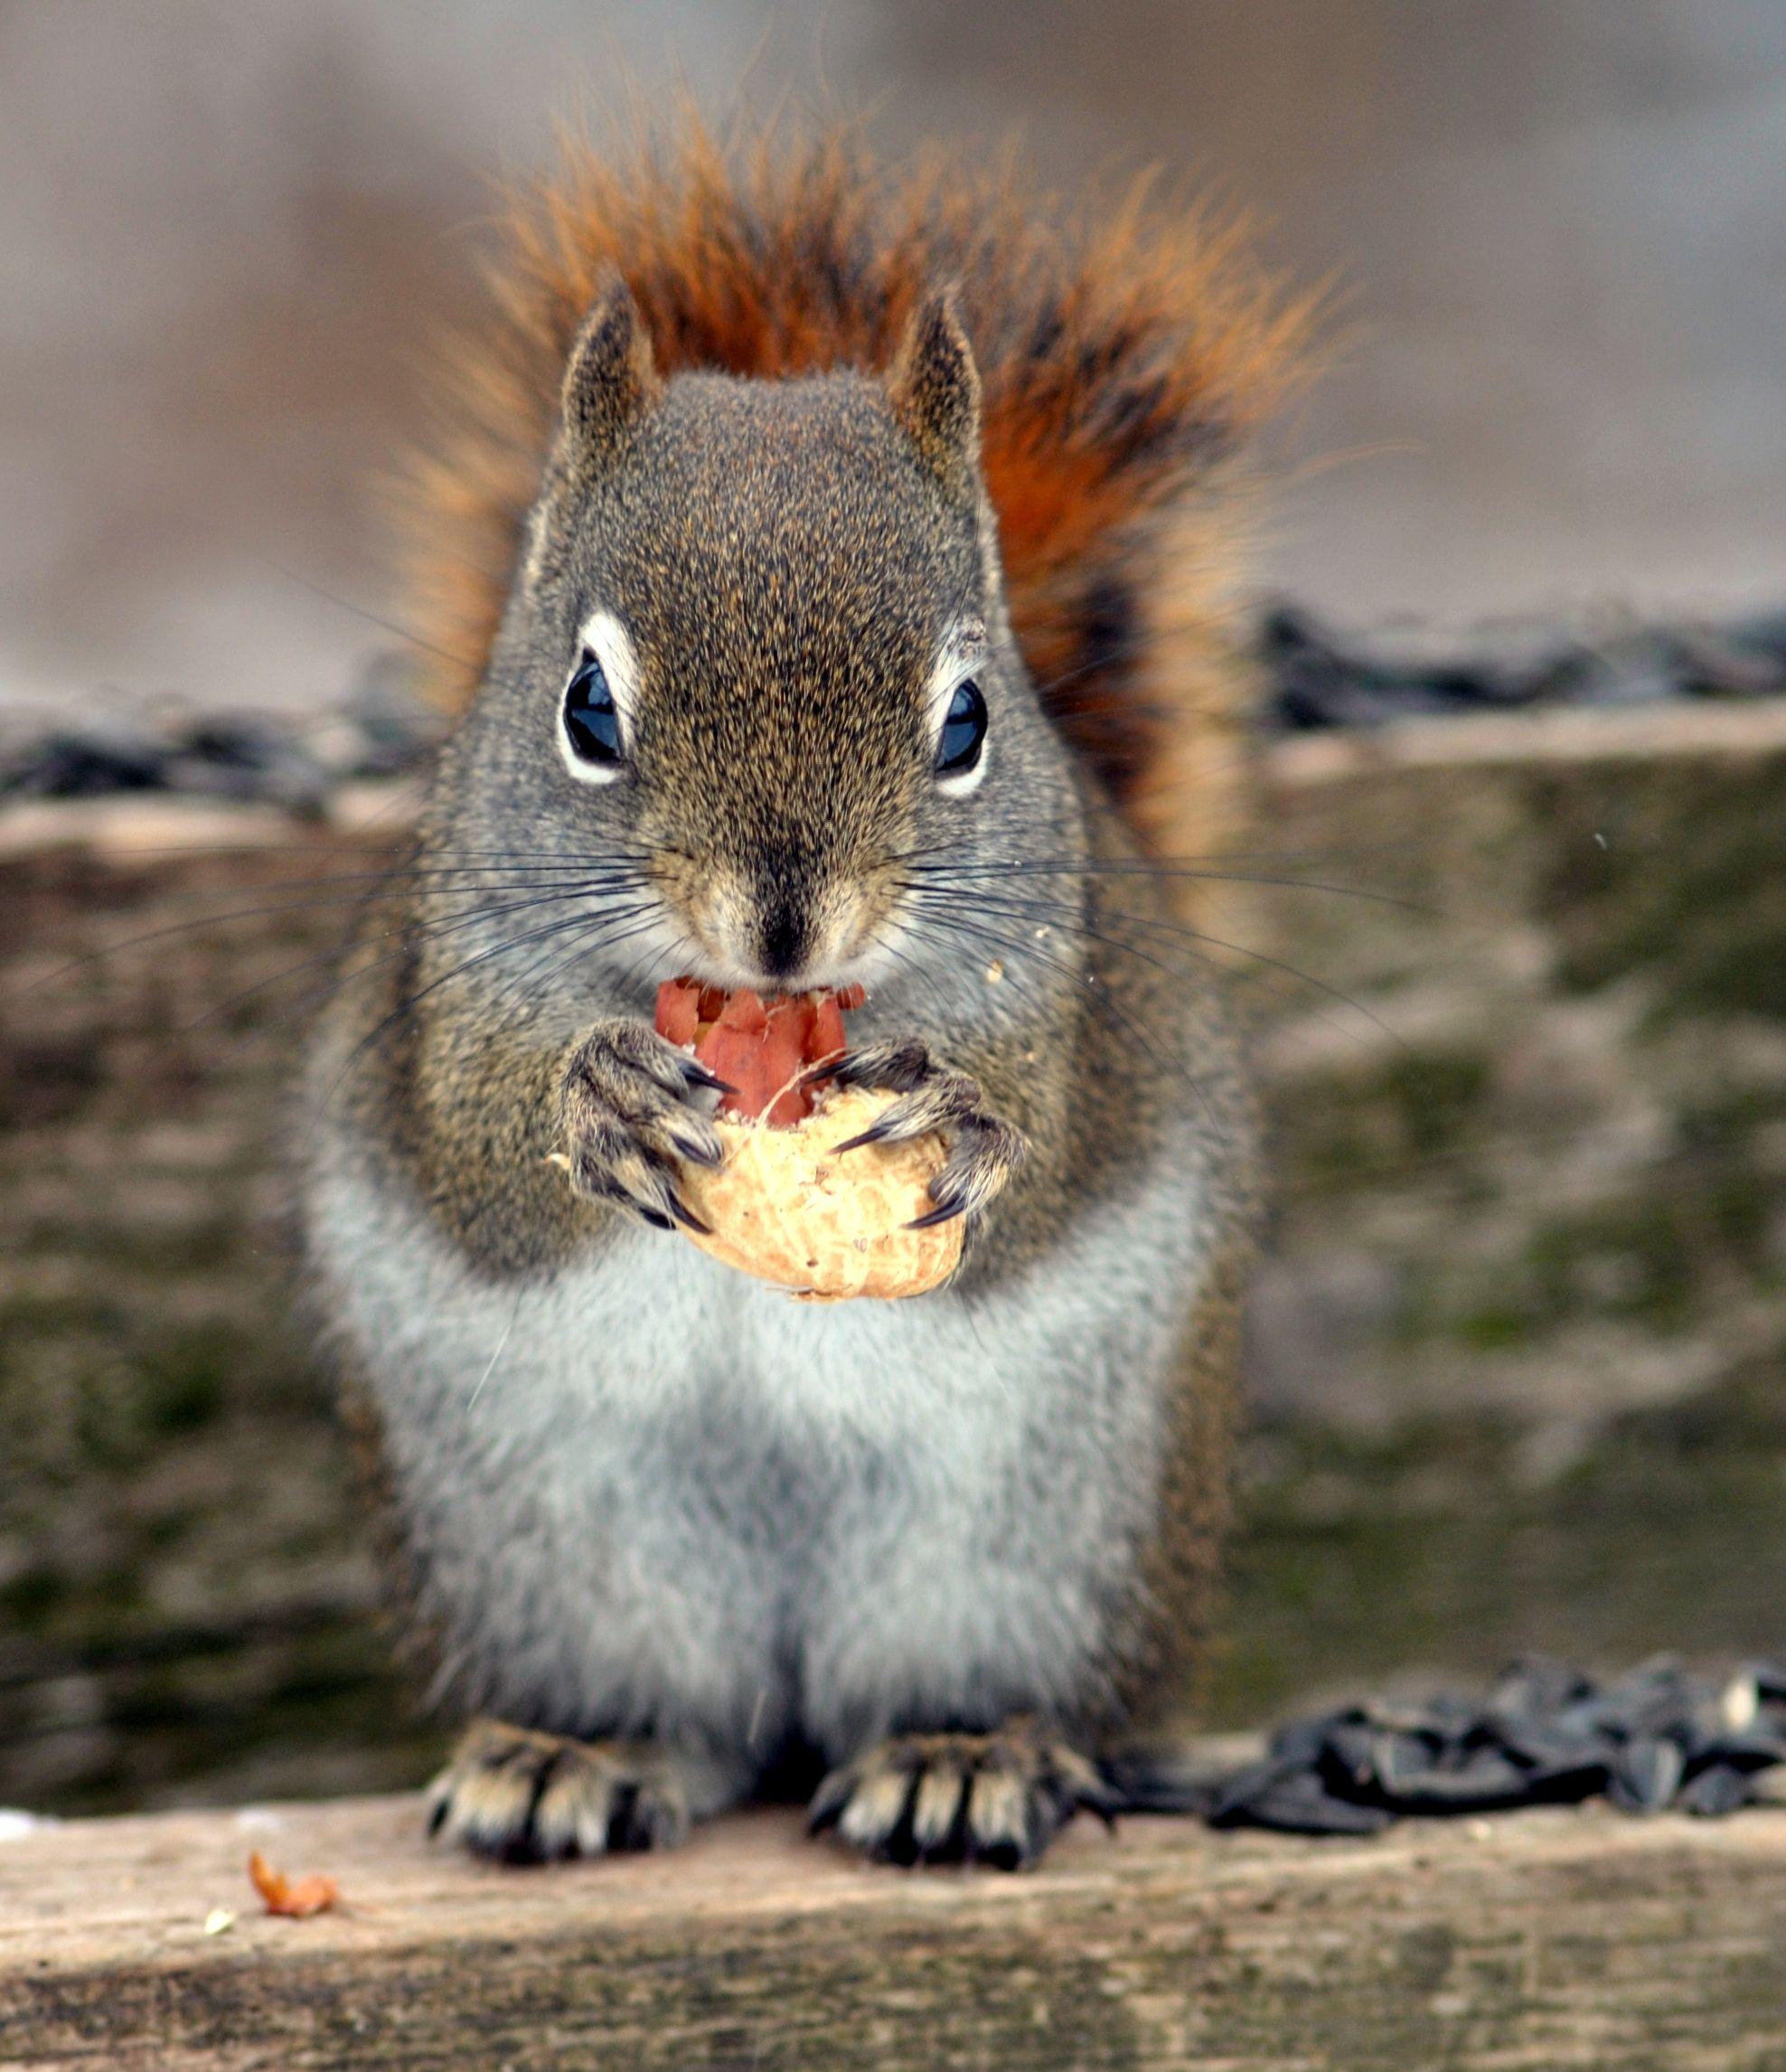 Squirrel Eating A Peanut ส ตว